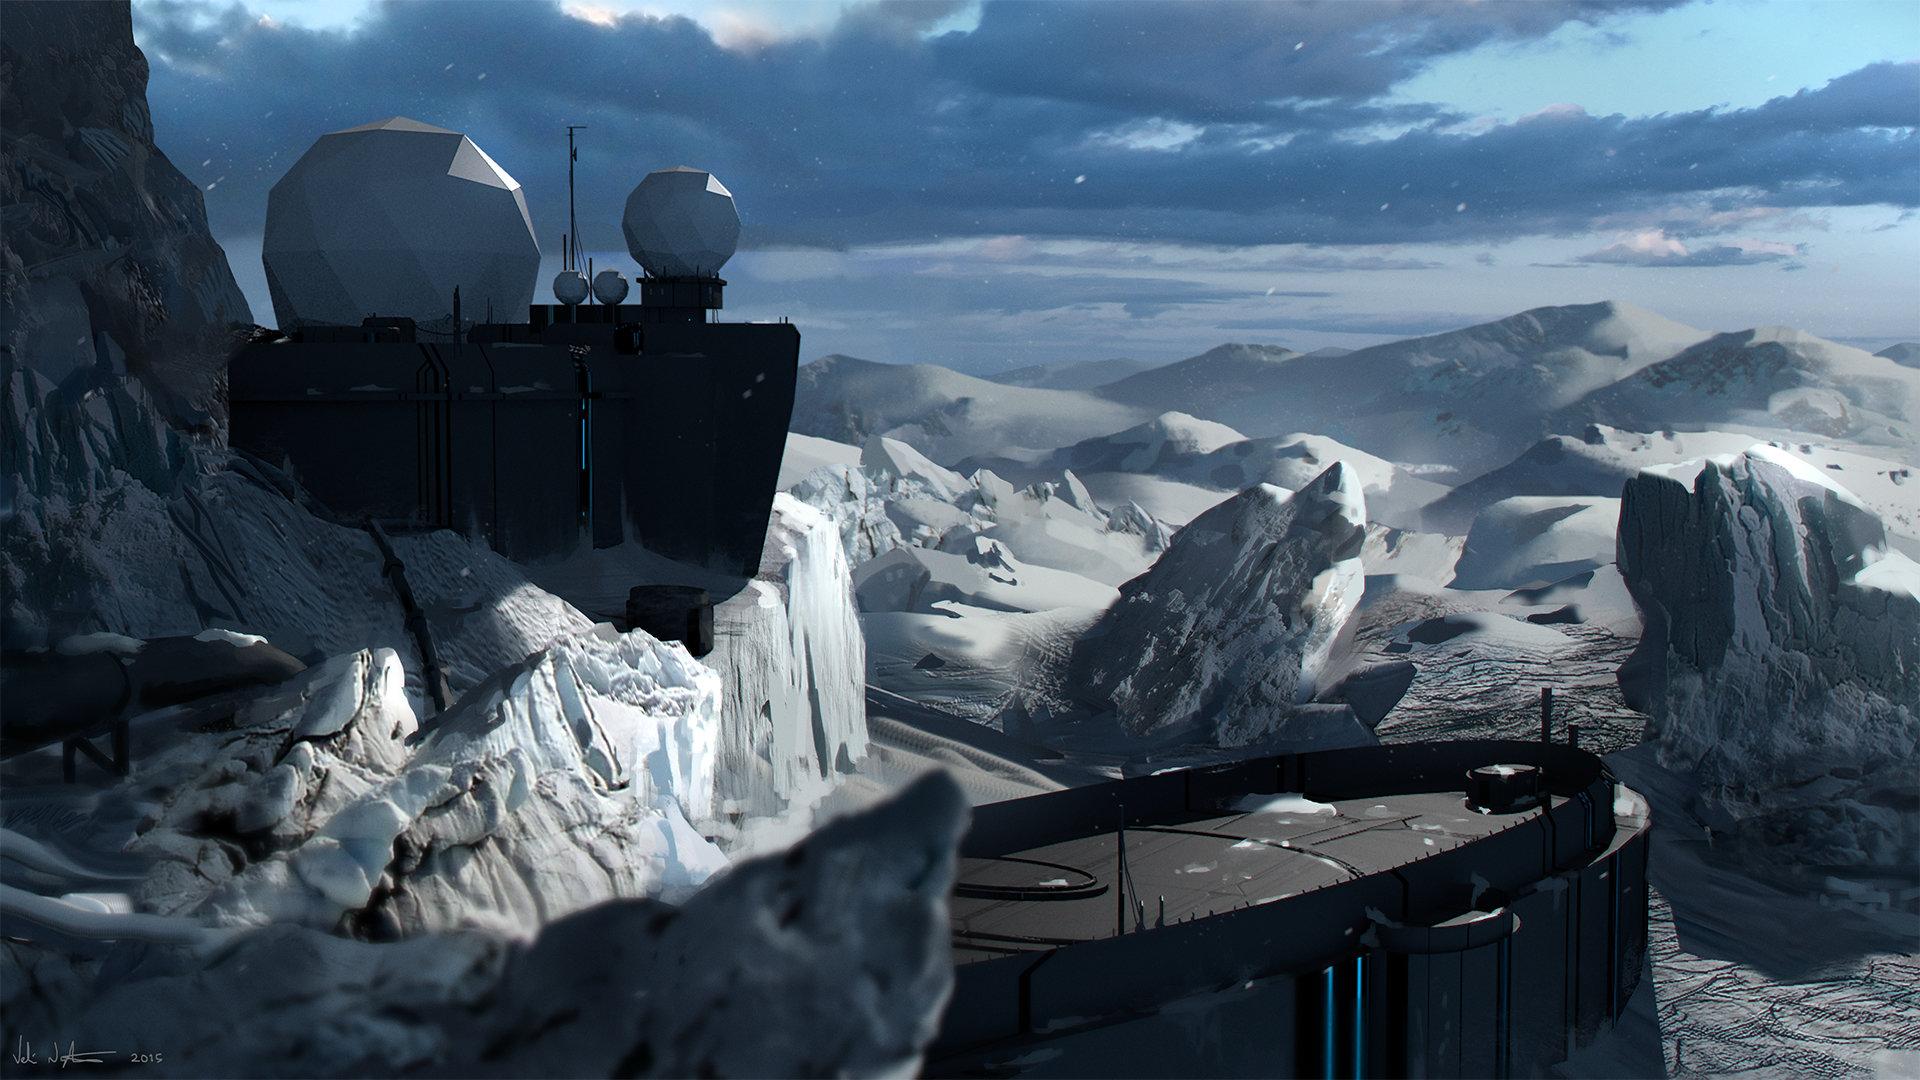 Veli nystrom arctic surveillance